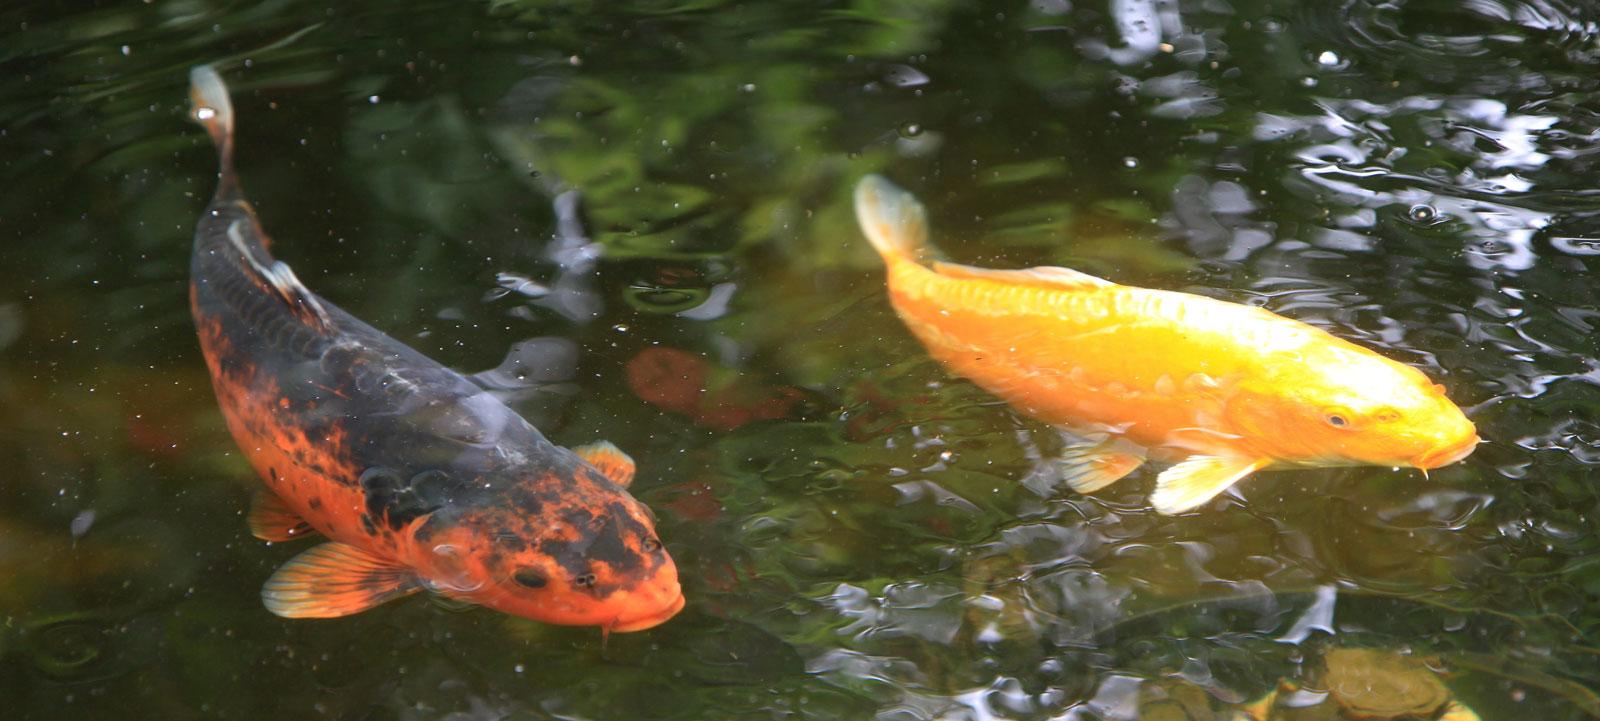 Les carpes koi archives jardins aquatiques for Acheter poisson vivant pour etang